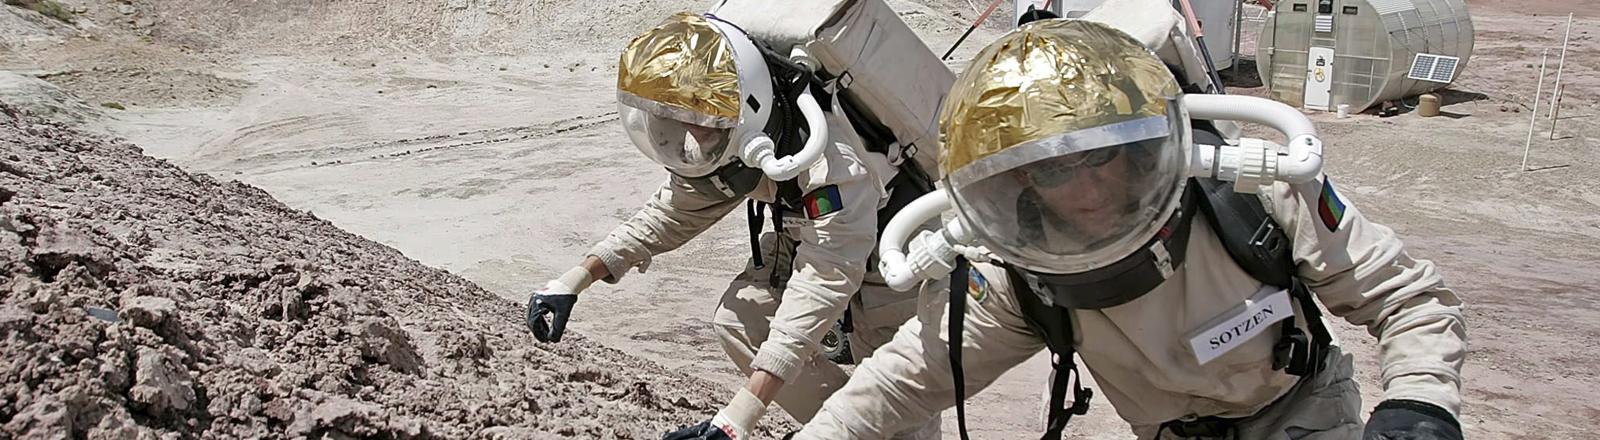 Zwei Menschen in Raumanzügen